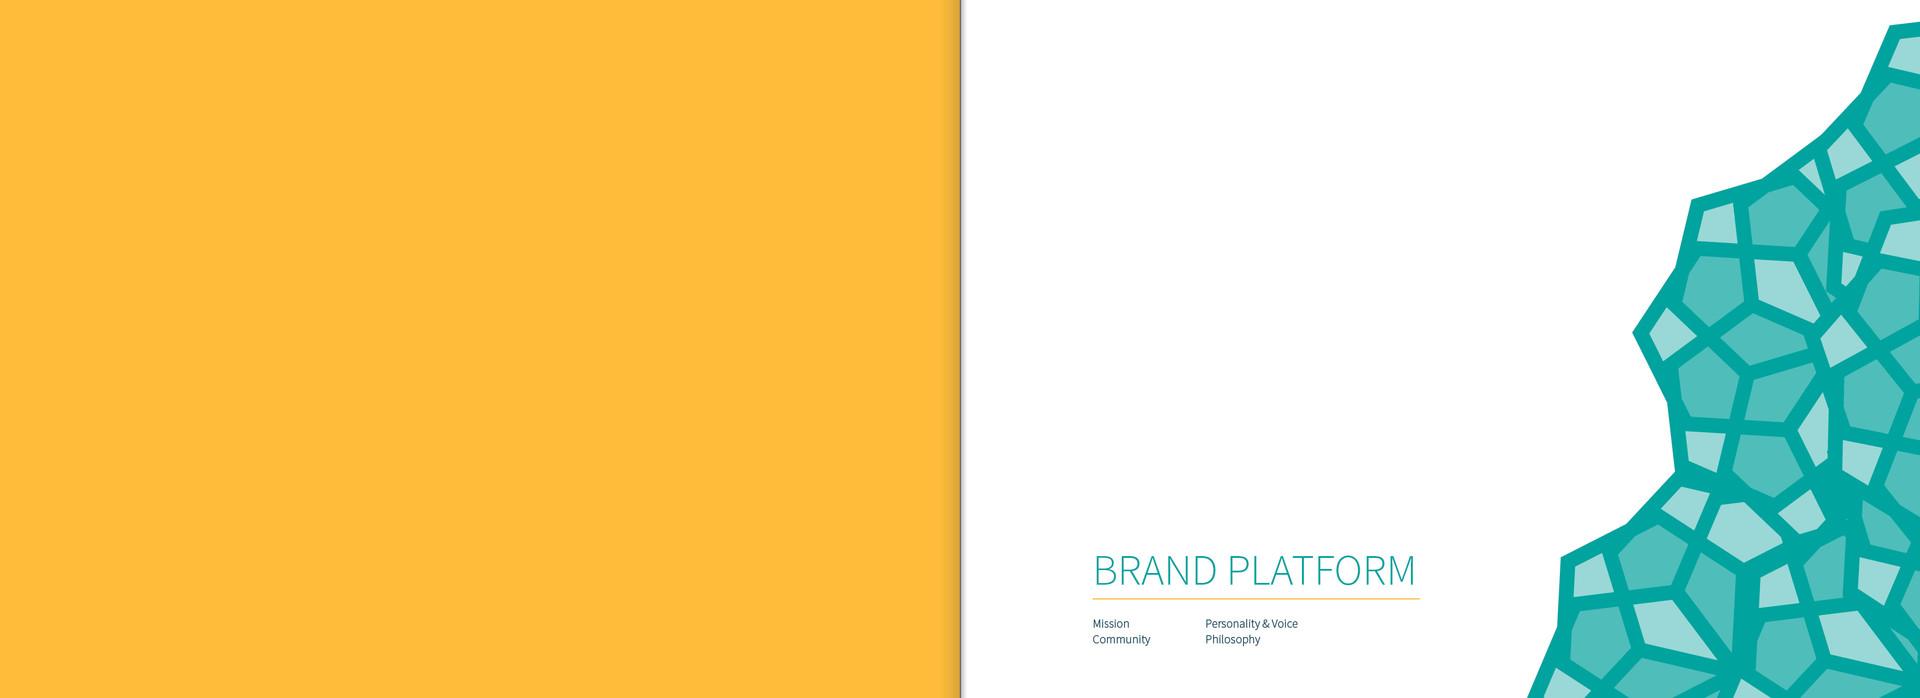 BrandBook6.jpg